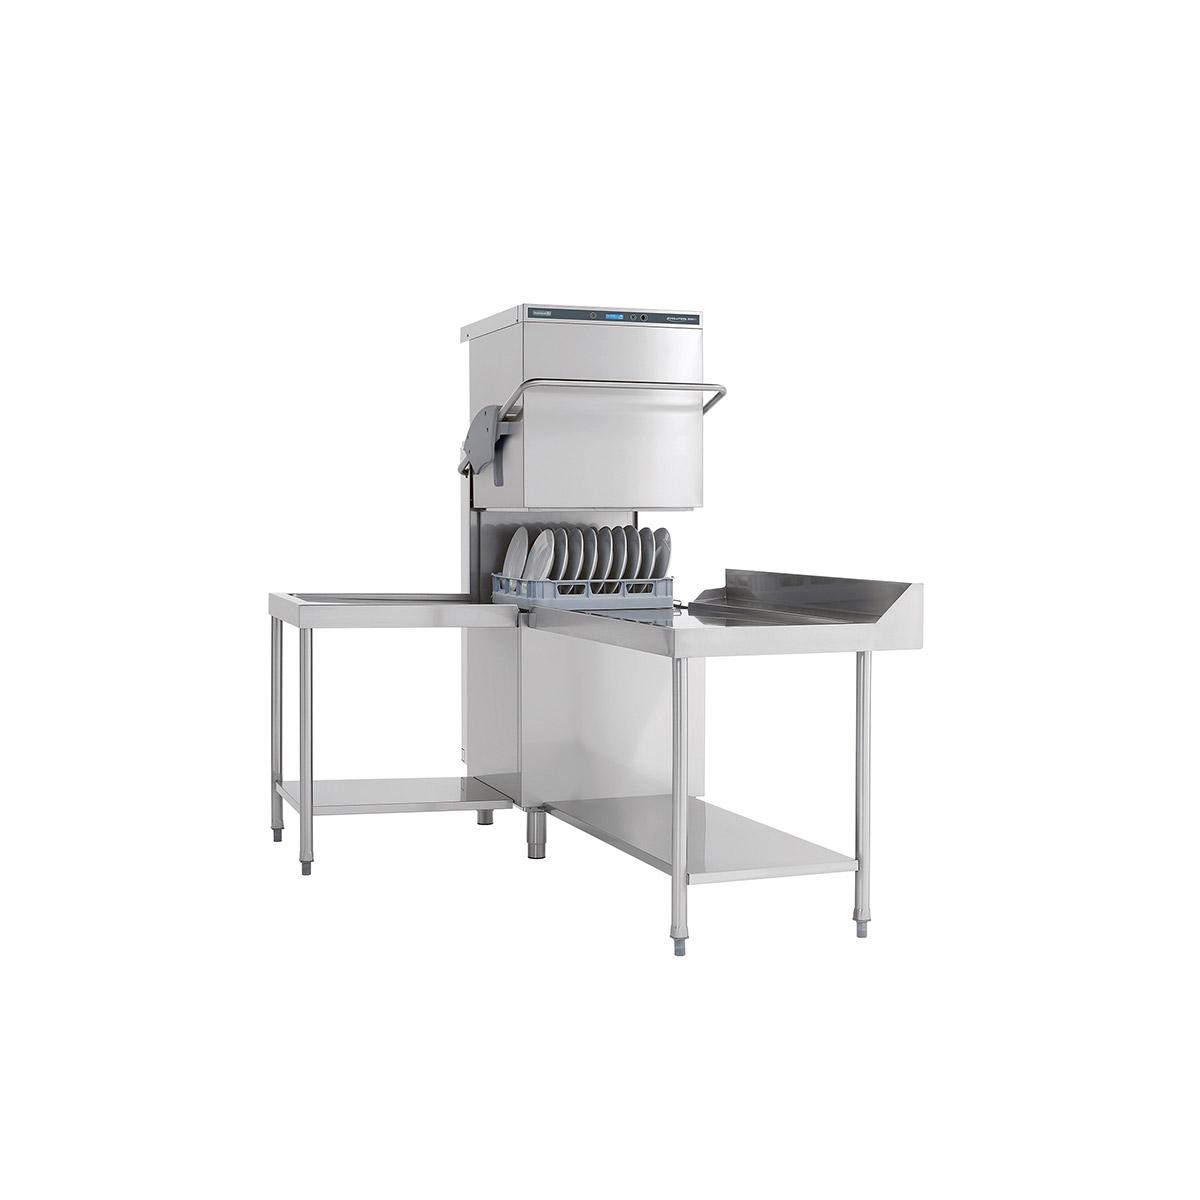 Maidaid Halcyon Evolution Passthrough Dishwasher EVO2035WS